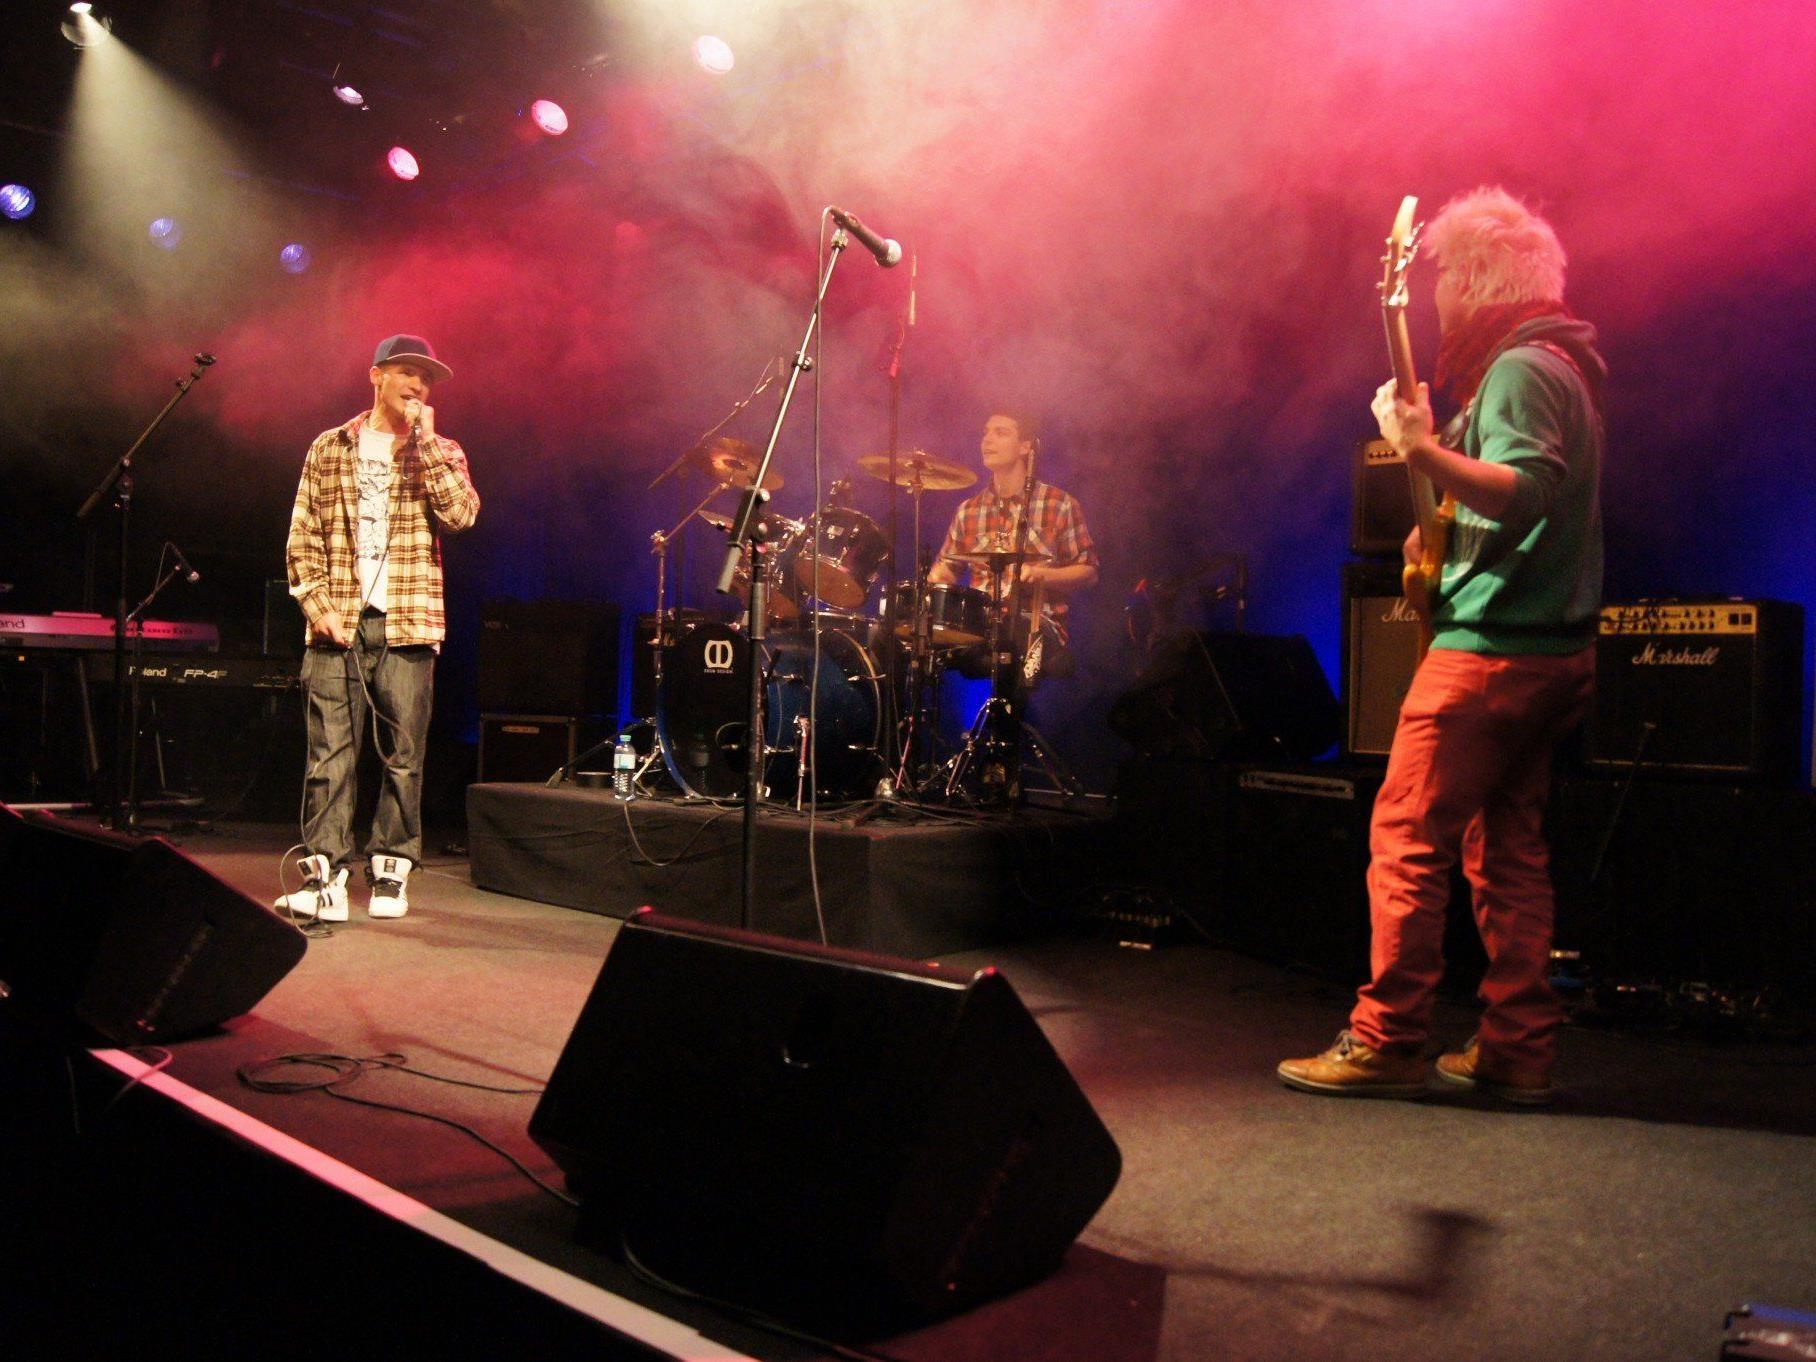 Talentierte Bands präsentierten ihre Musik.